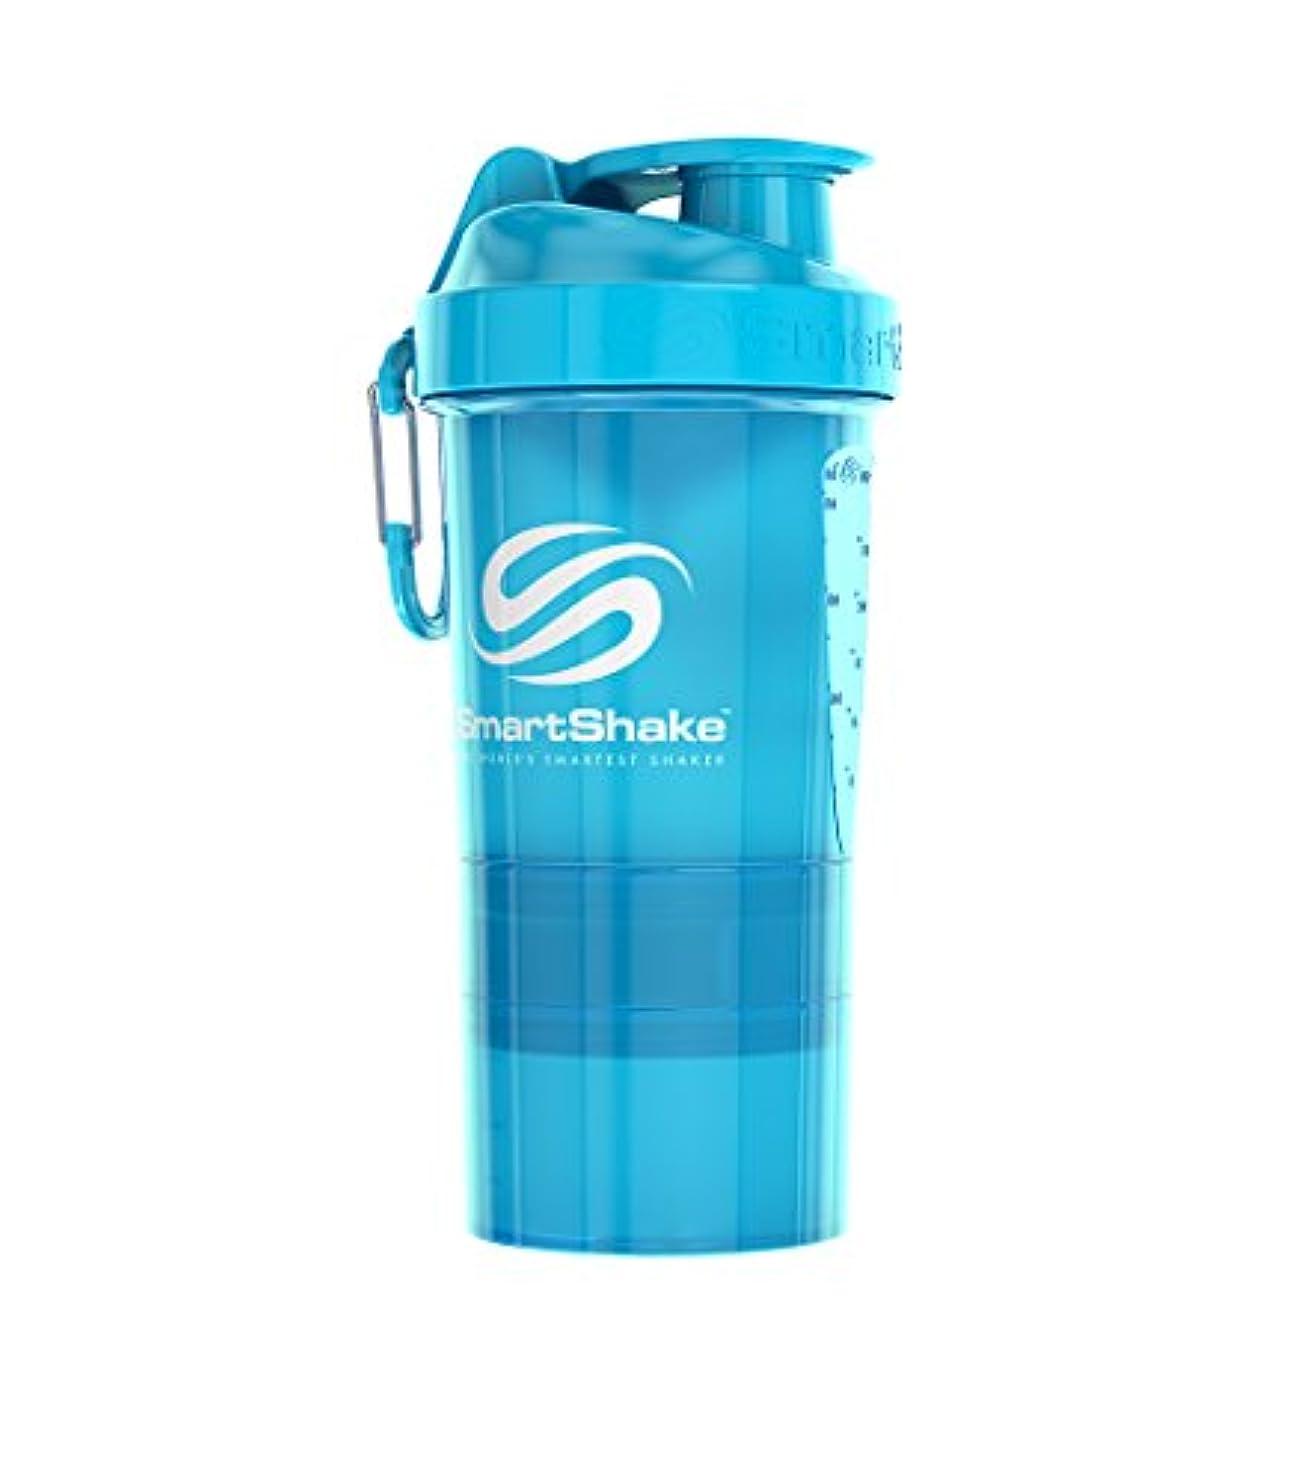 コーヒー収入ビジュアルSmartShake(スマートシェイク) プロテインシェイカー O2GO【NEON BLUE】600ml